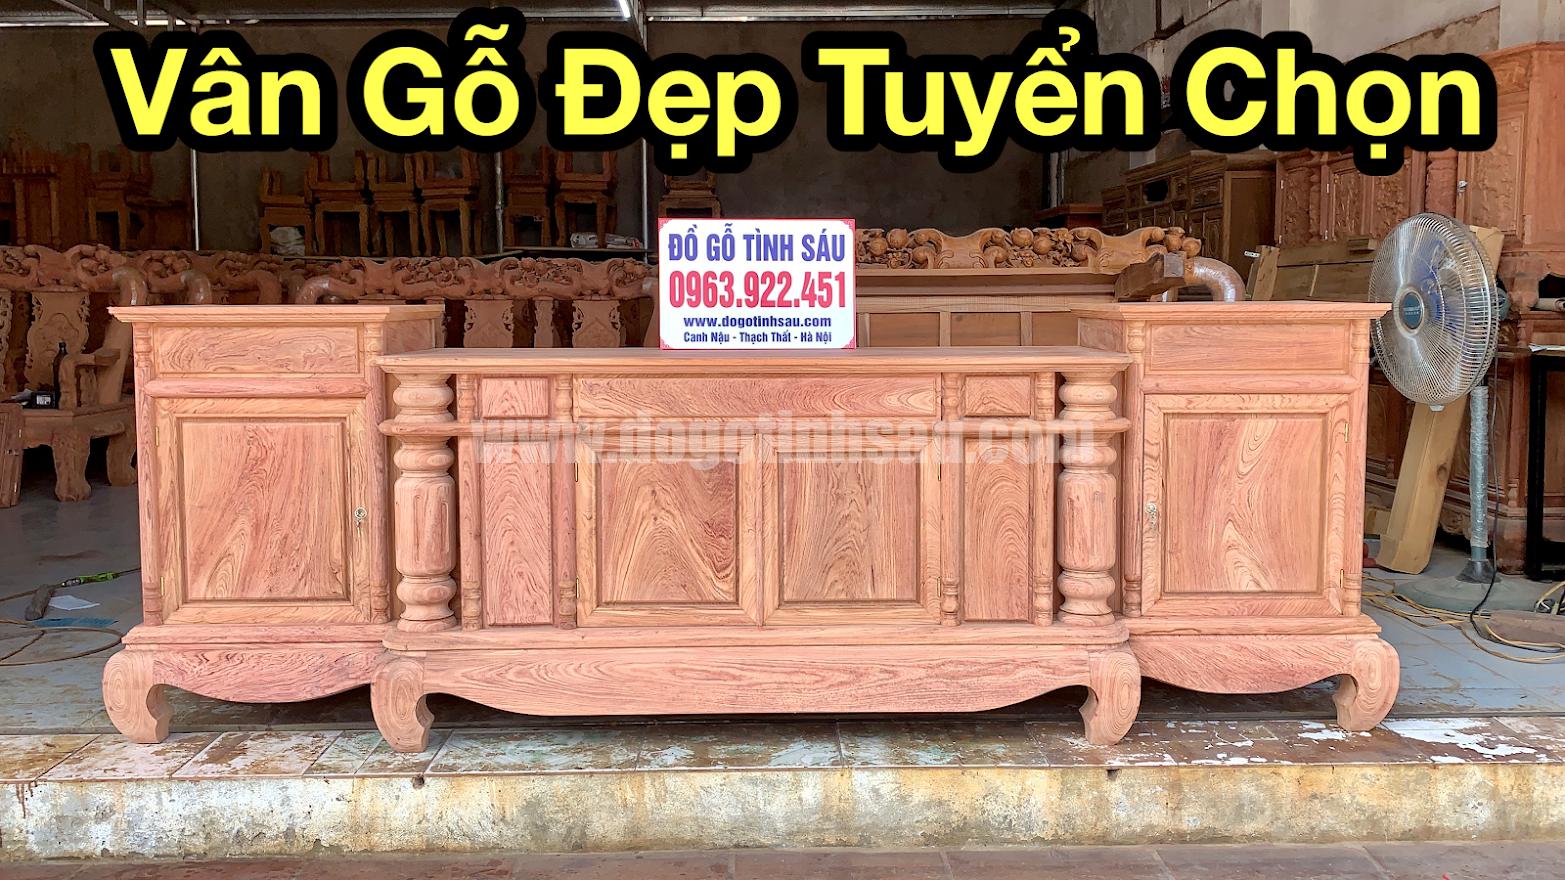 ke tivi cot tron 2m6 go huong da nam phi - Kệ Tivi Cột Trơn 2m6 Gỗ Hương Đá (Hàng Chọn Vân)